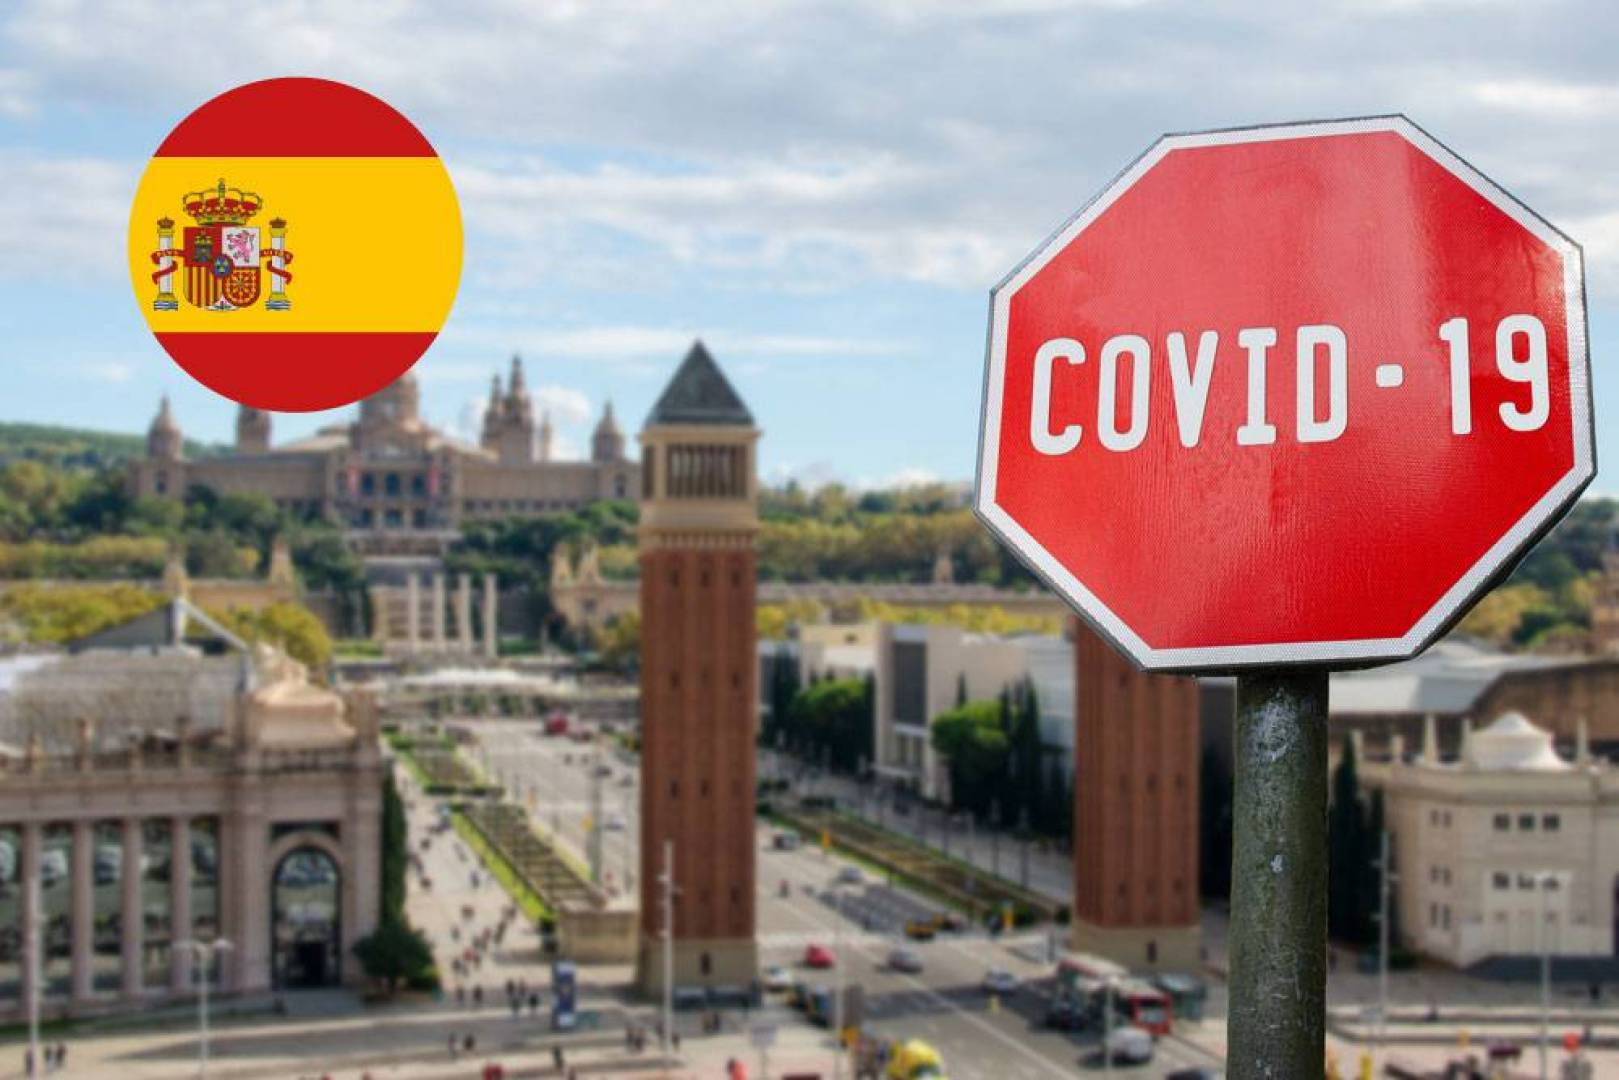 فرض تدابير عزل على نحو 200 ألف شخص في منطقة كاتالونيا الإسبانية